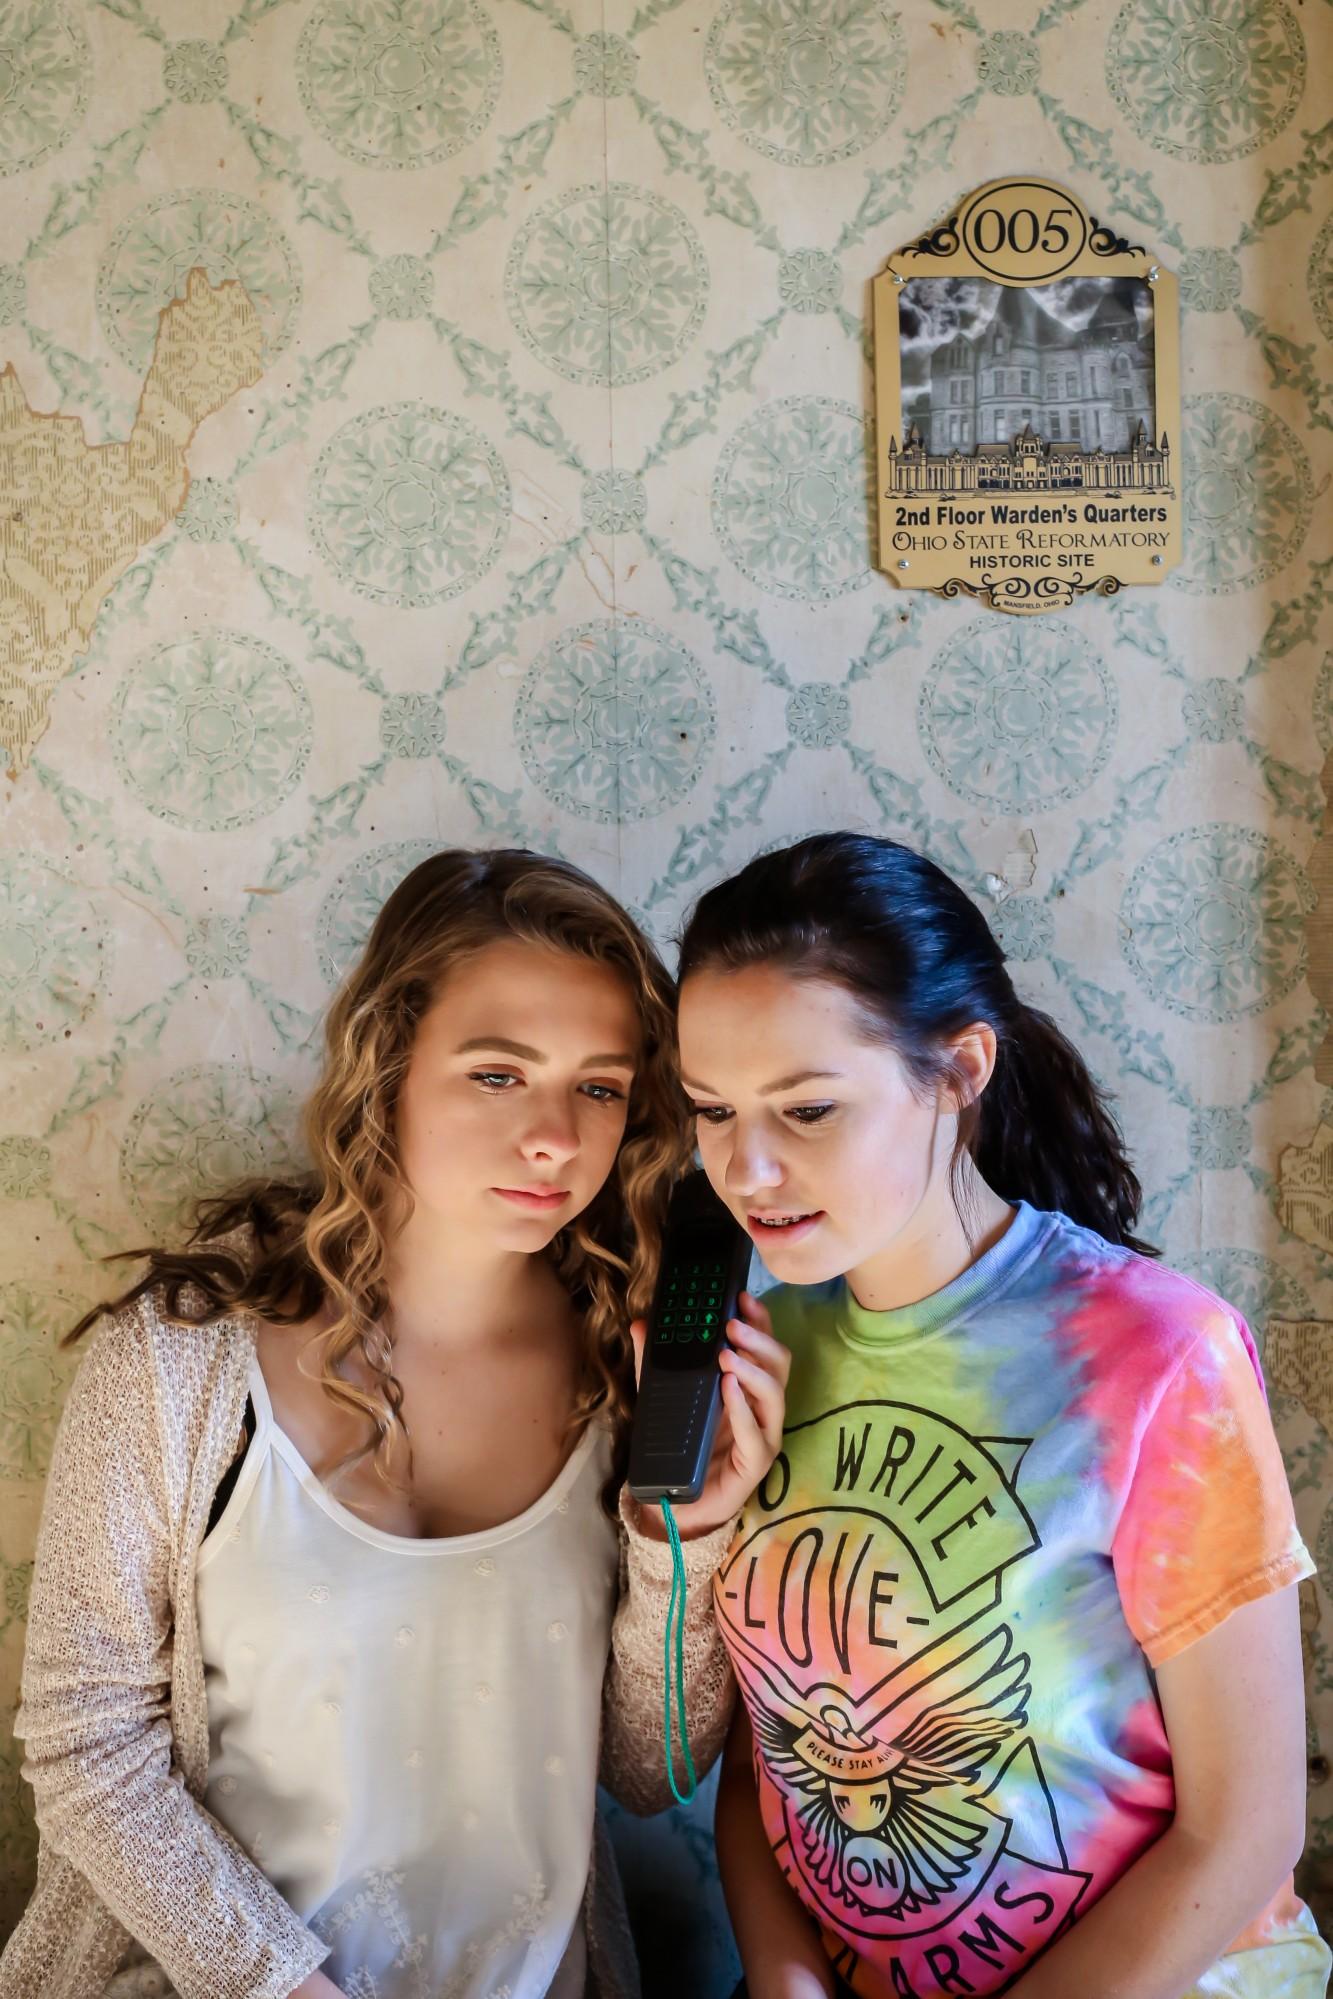 2 girls listen to audio tour